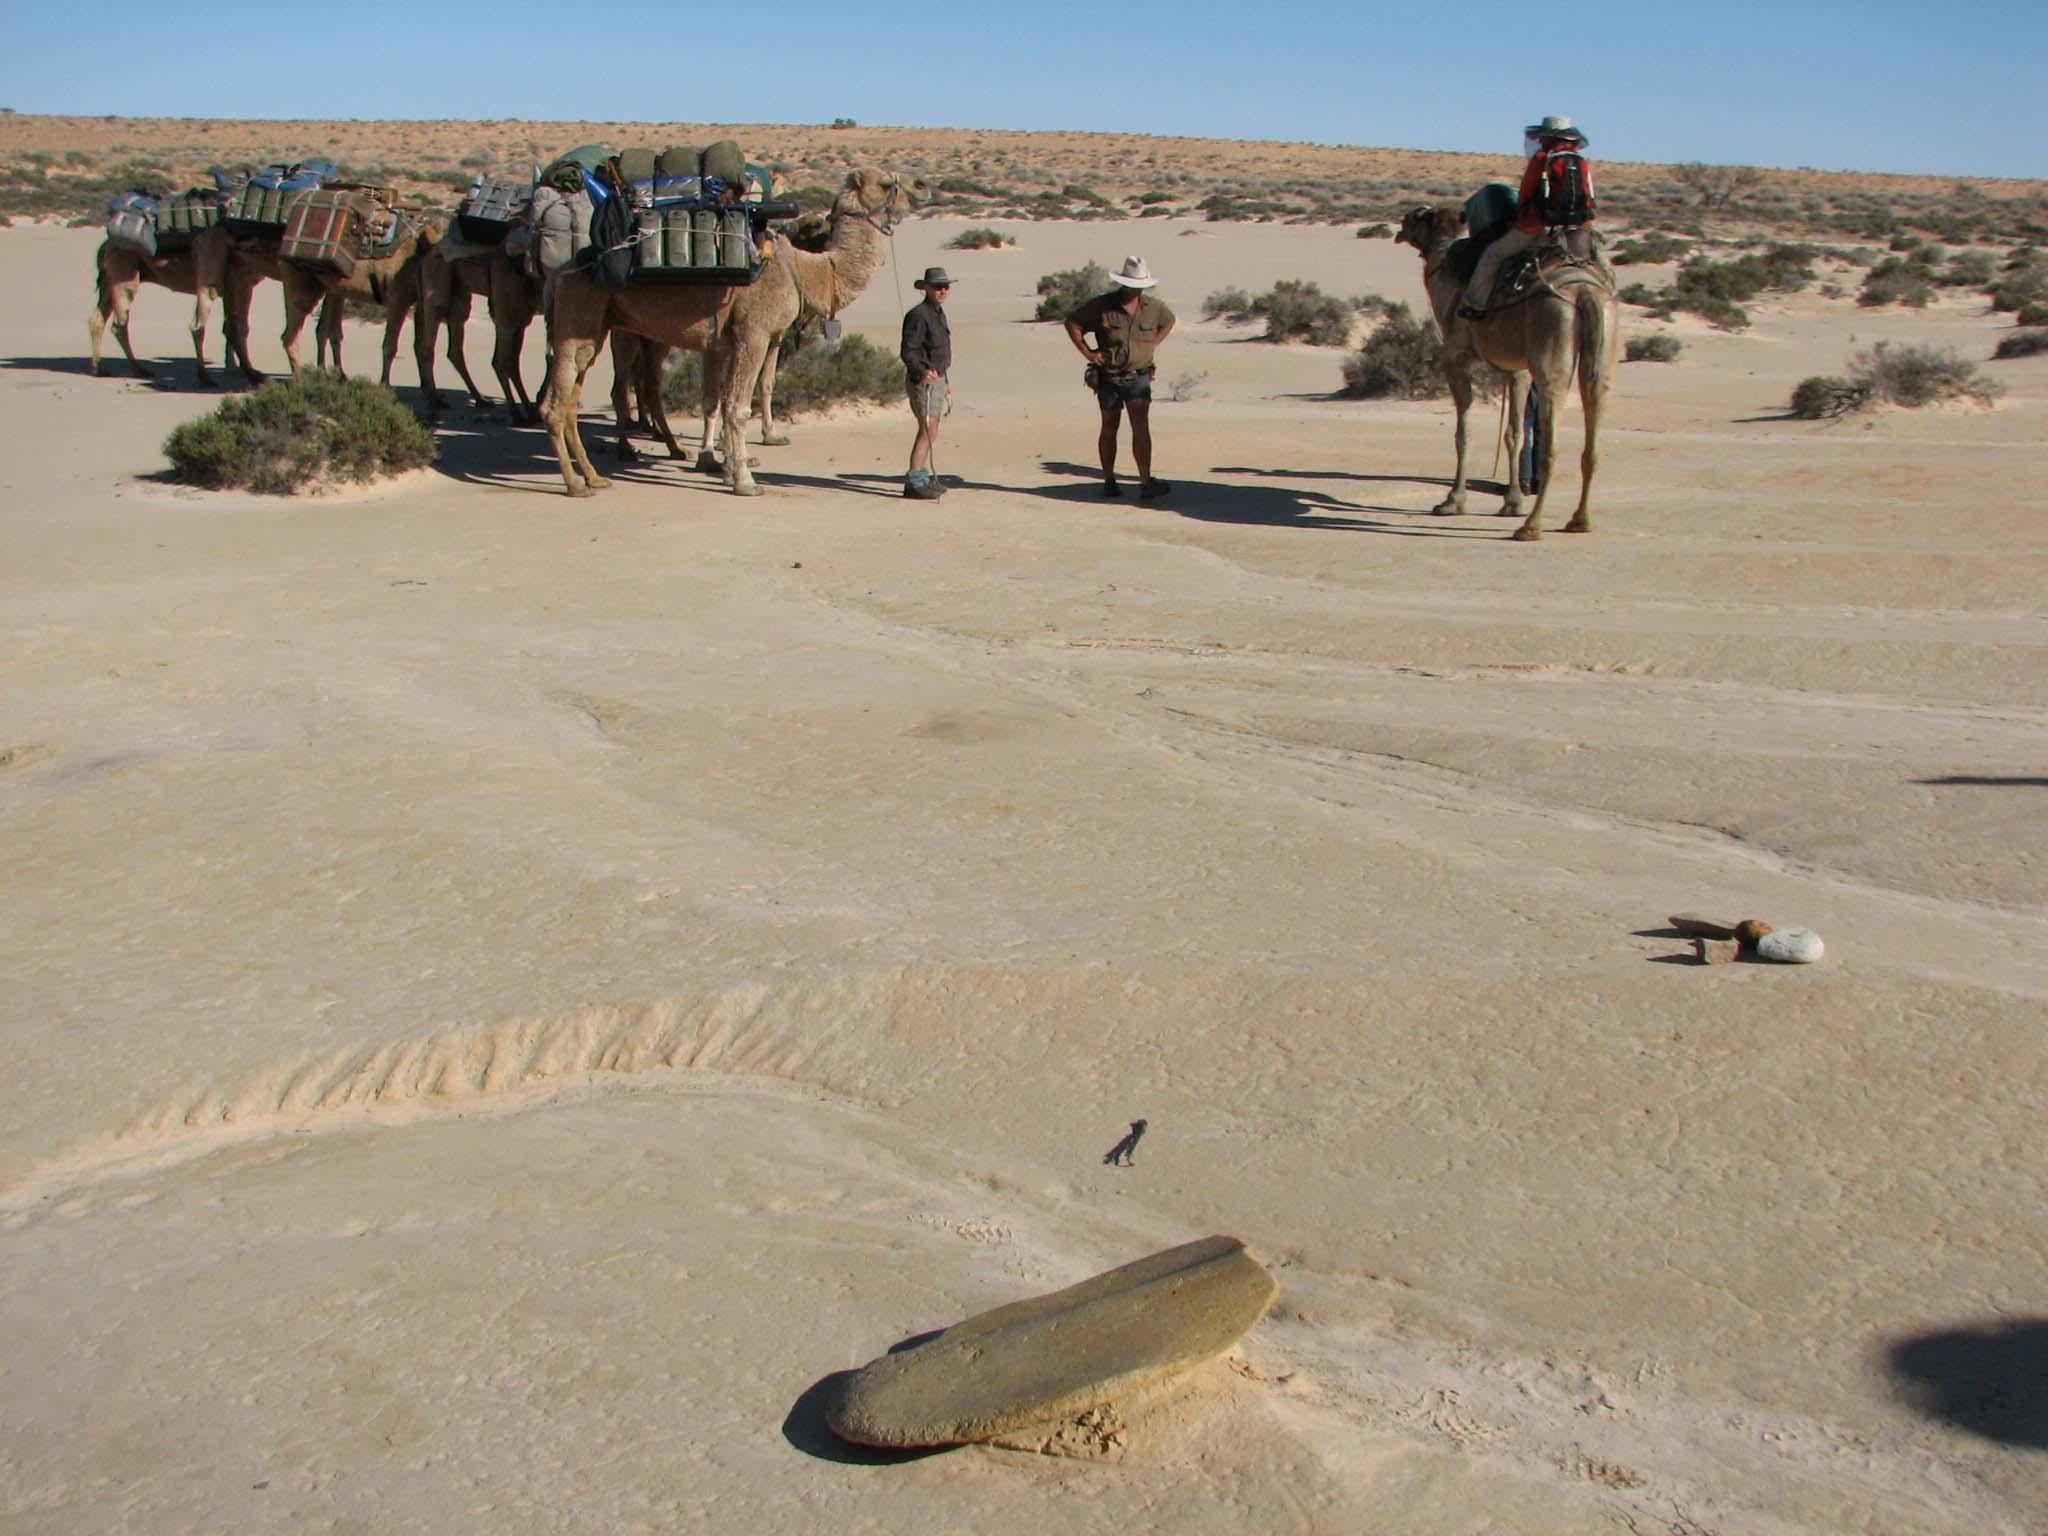 Documenting aboriginal artefacts.